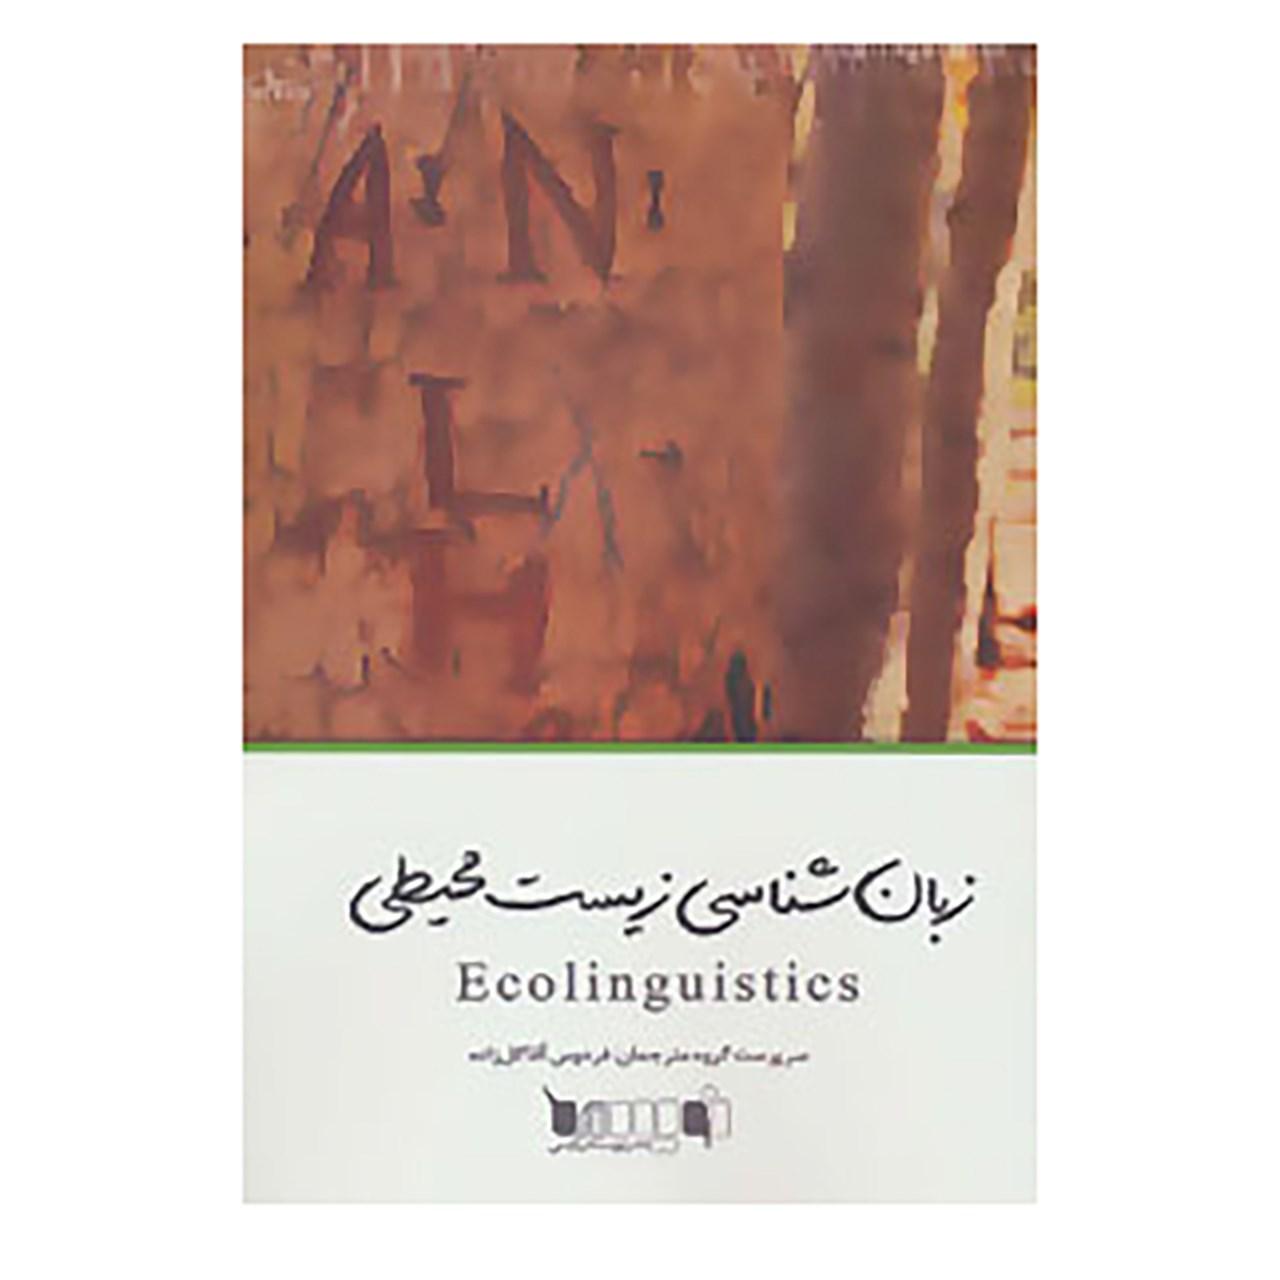 کتاب زبان شناسی زیست محیطی اثر آرن استیبی